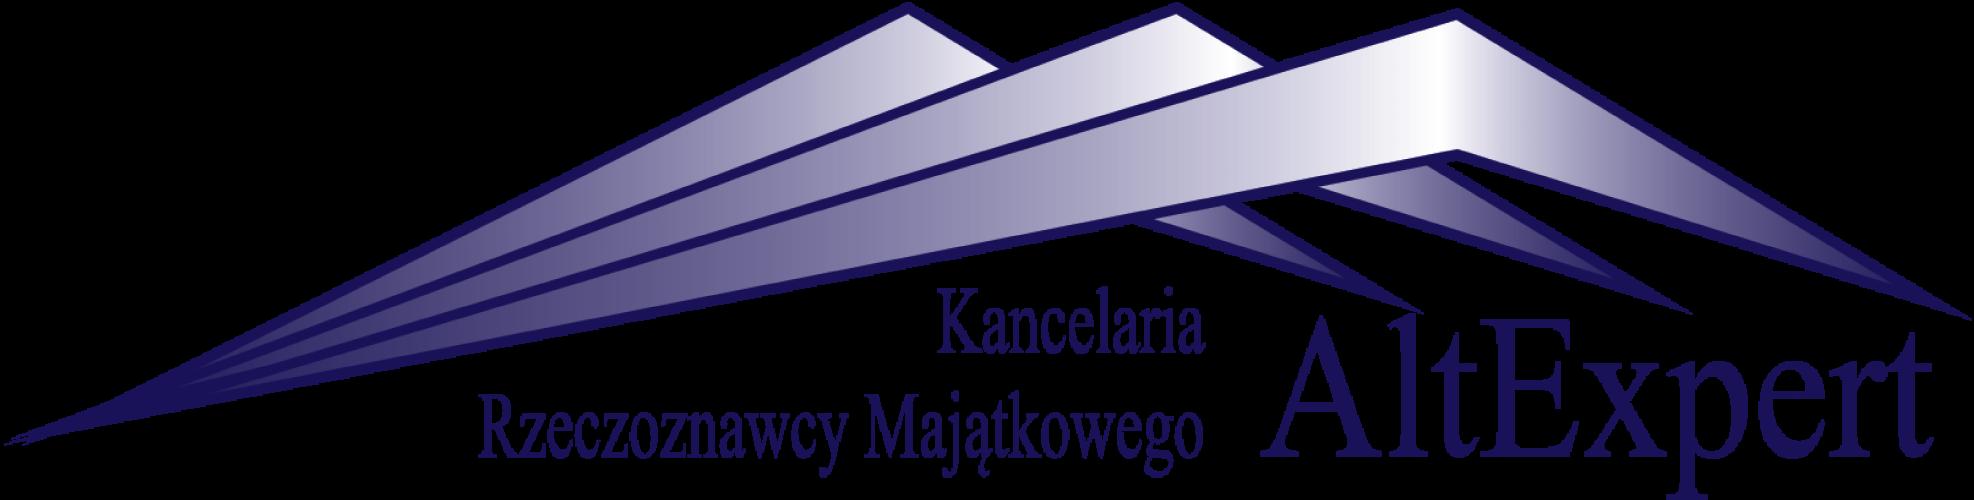 Rzeczoznawca Majątkowy Warszawa